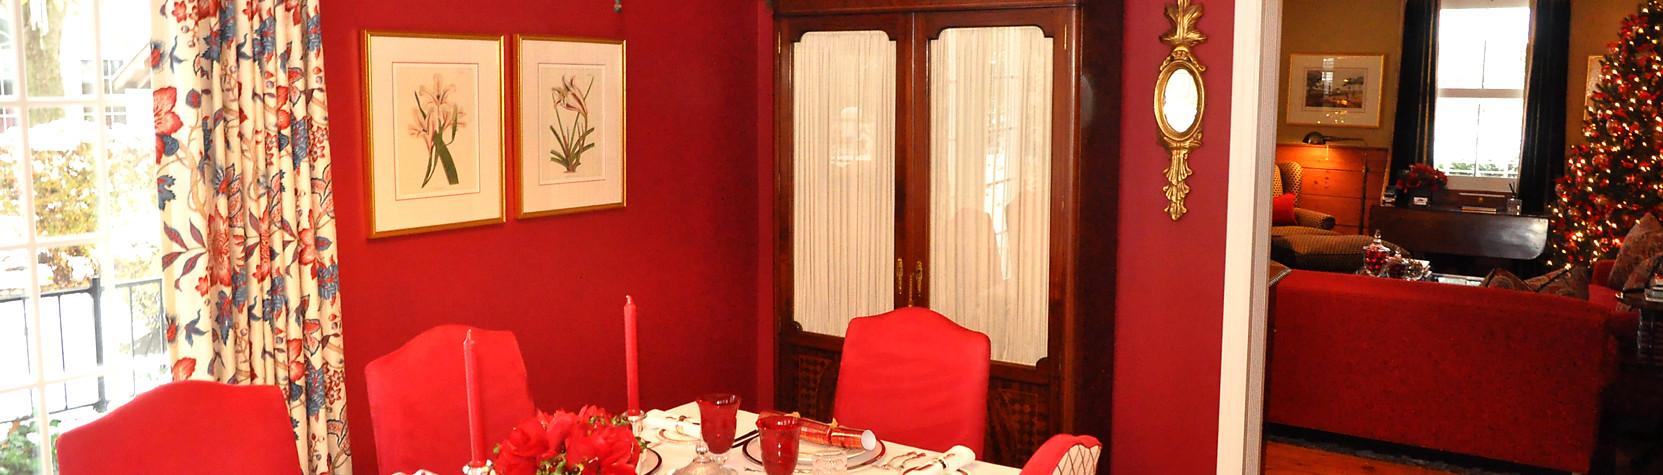 Dining_Room_0012